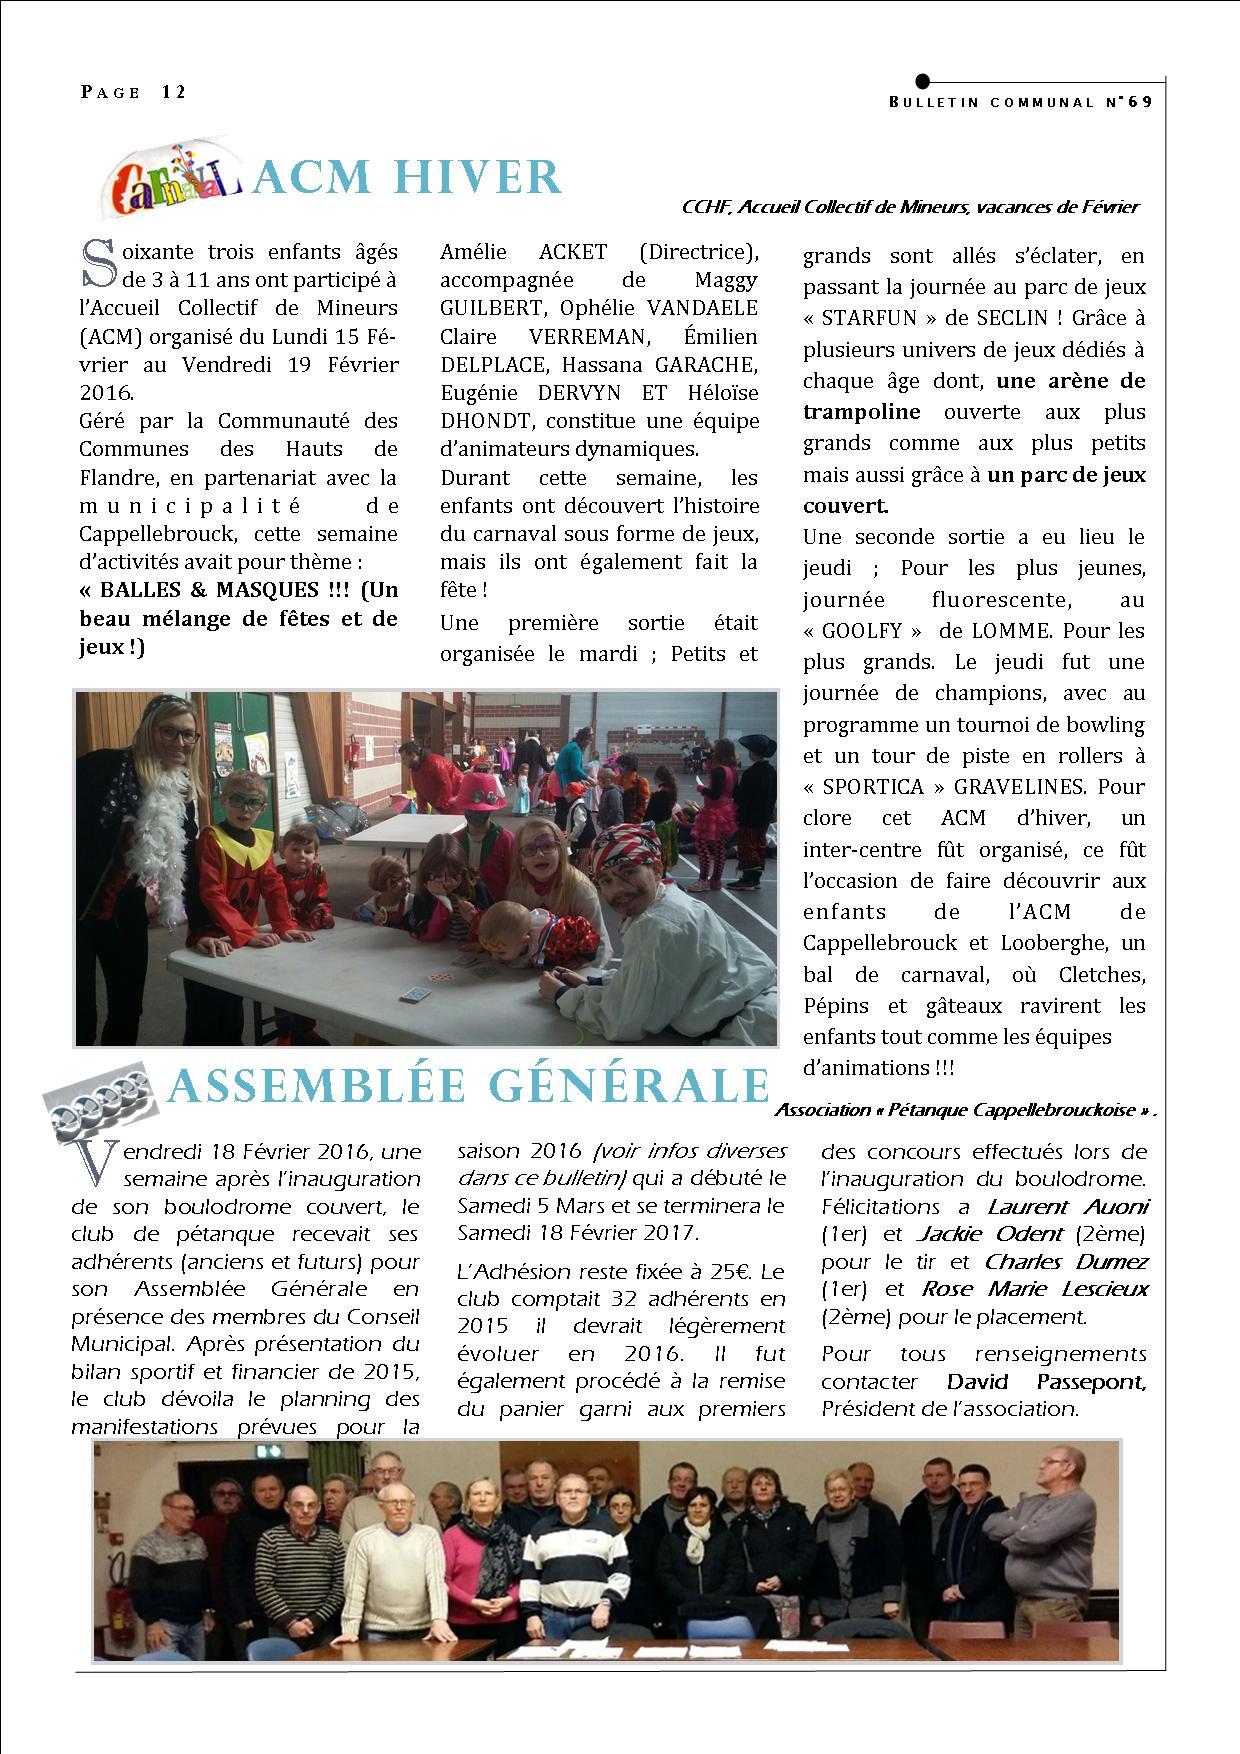 bulletin 69 p12